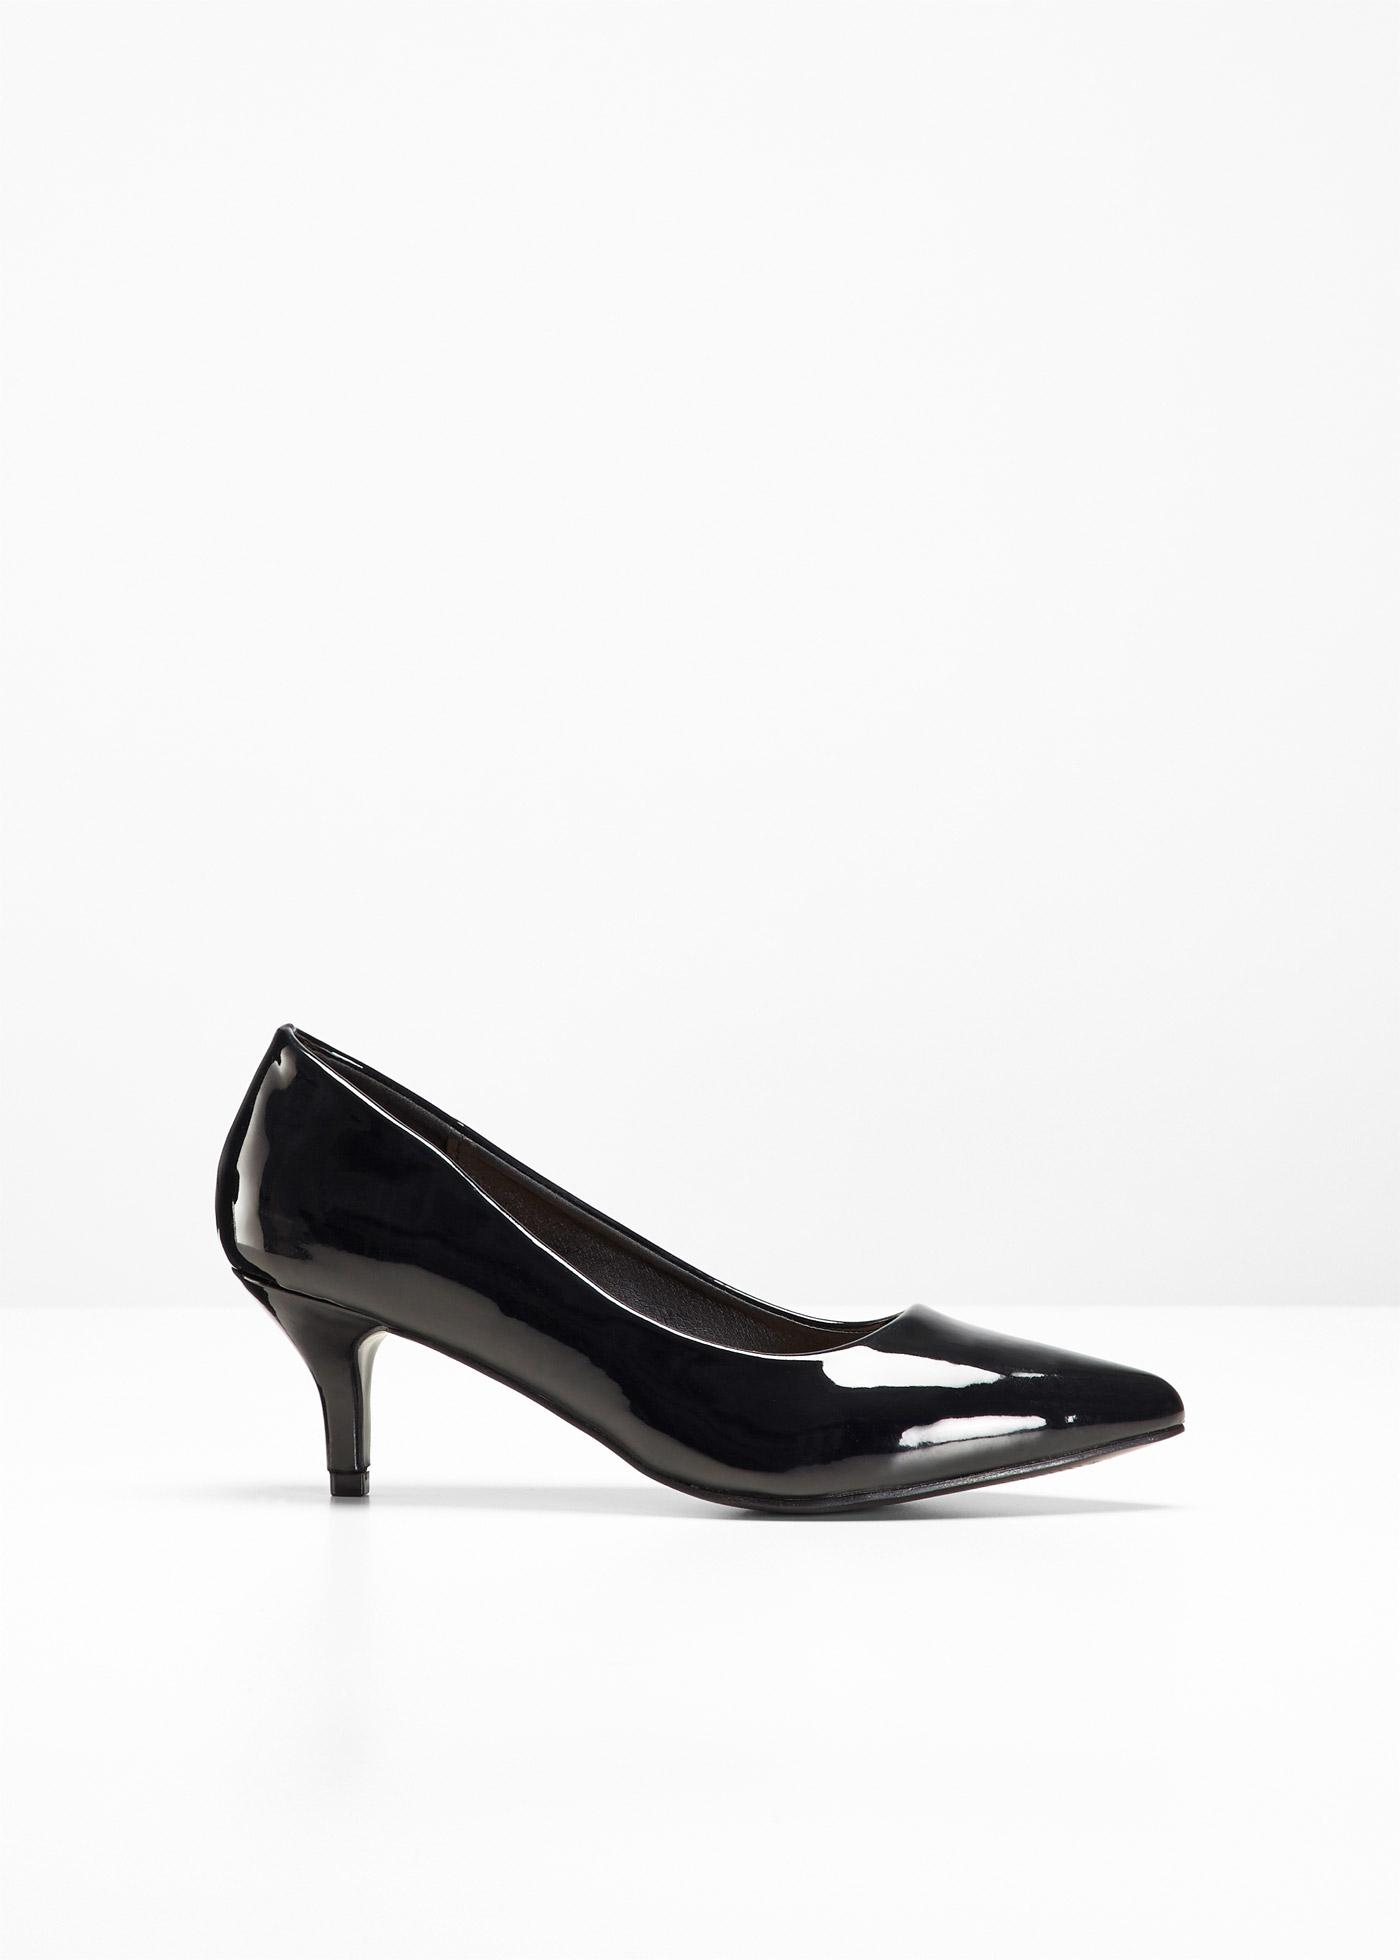 Bpc Noir Pour Femme BonprixEscarpins Selection CsdthQr